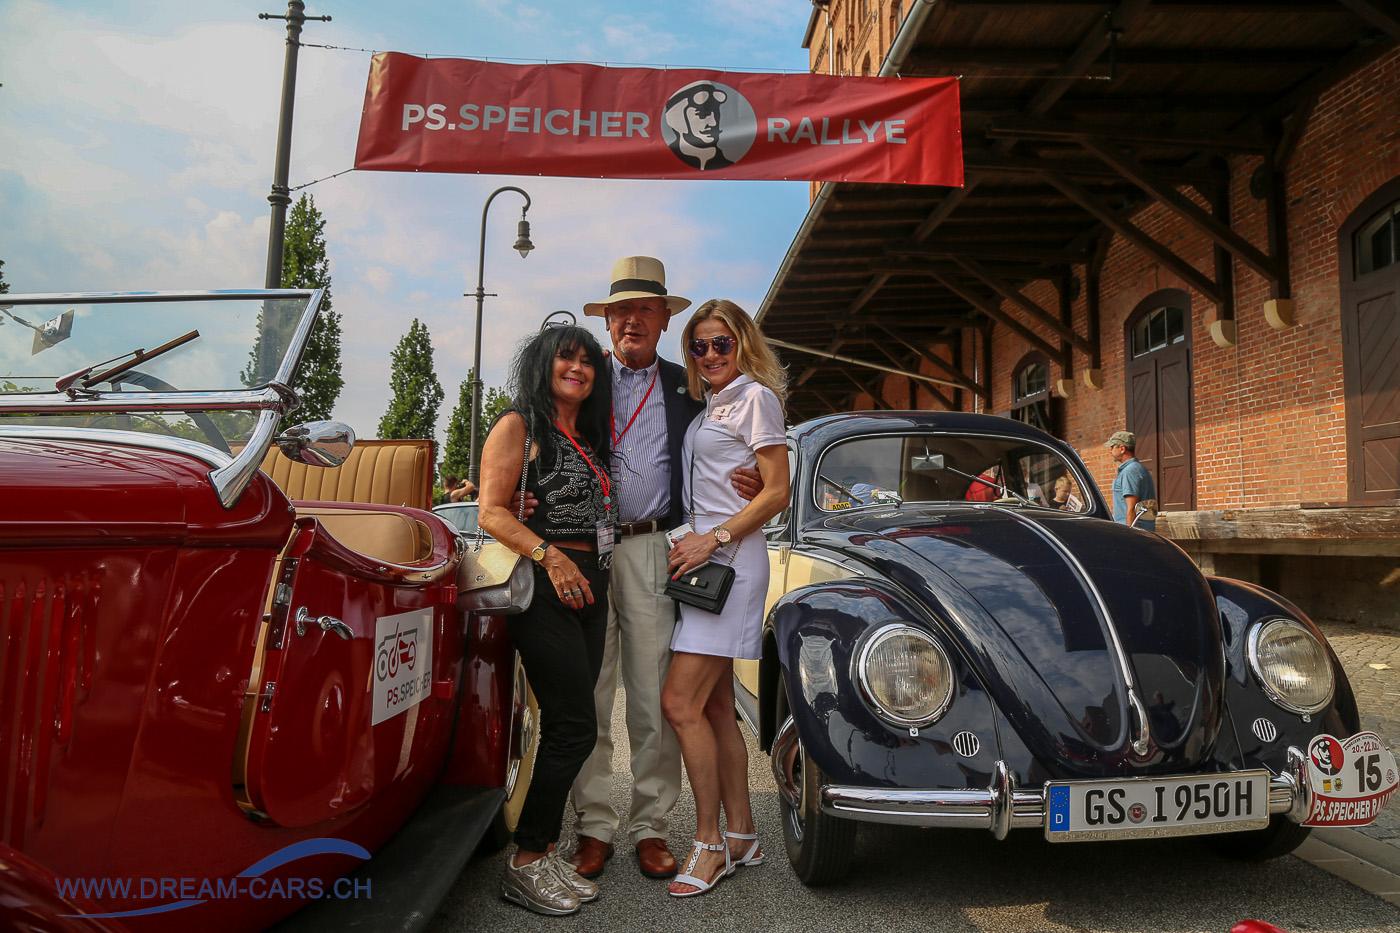 Einbecker Oldtimertage im PS.SPEICHER, 20. - 22. Juli 2018. Start zum Corso am Sonntag. Ela Lehmann, Harro Adt und Monika Marchlewska